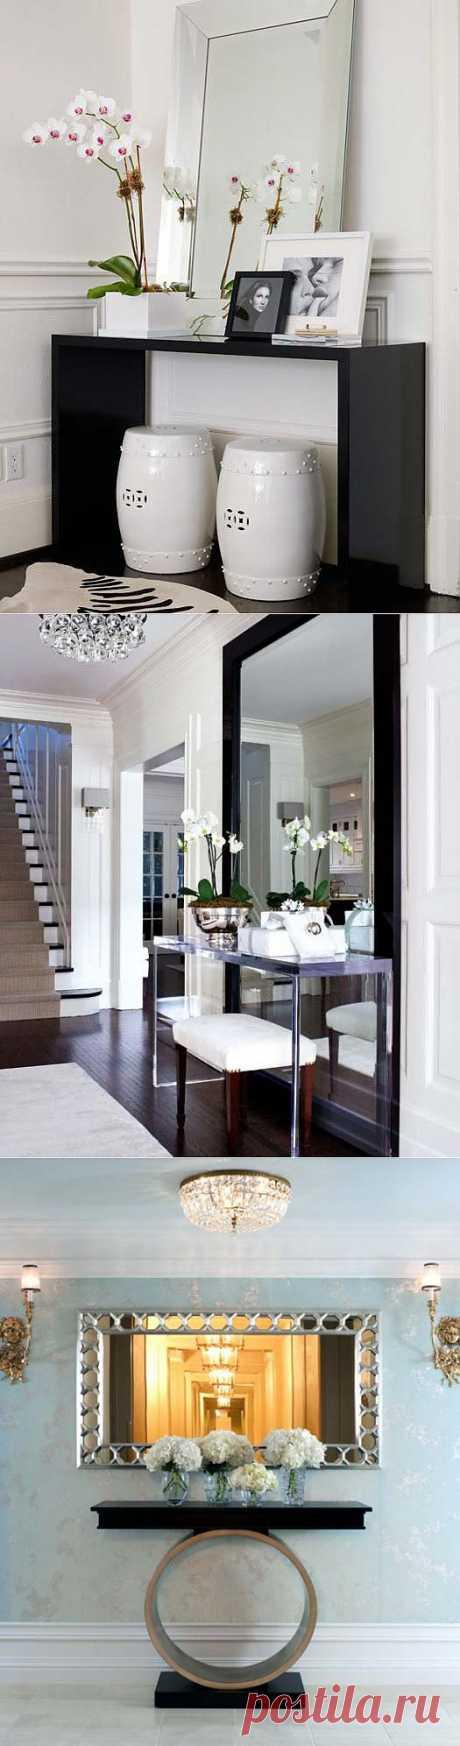 Консольный столик в интерьере | Интерьер и Дизайн